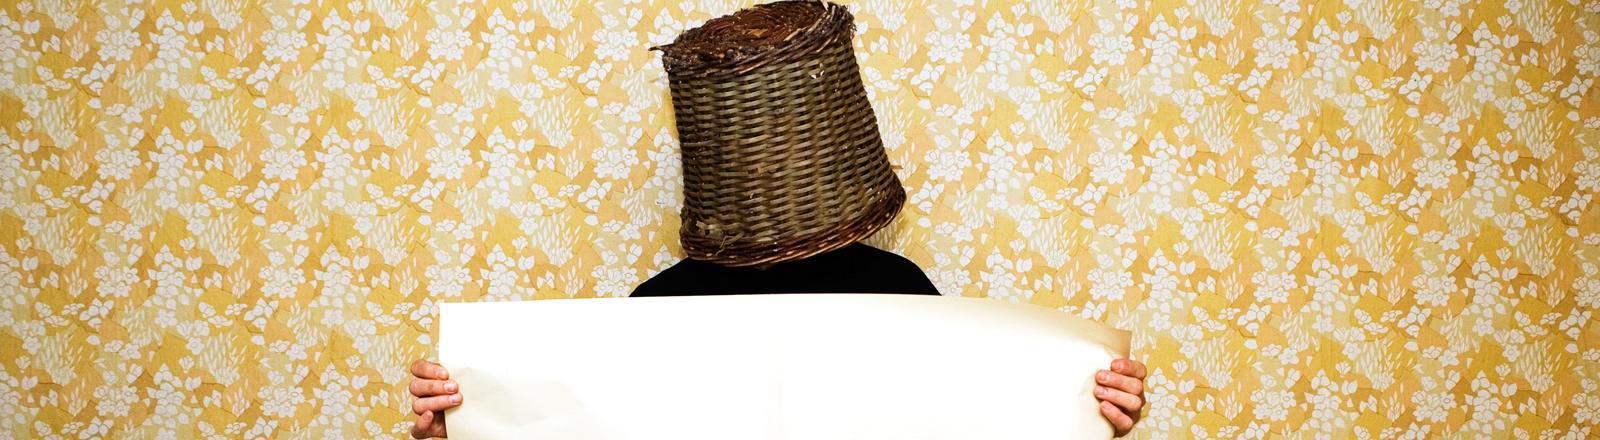 Mann mit Eimer auf dem Kopf vor einer Mustertapete.